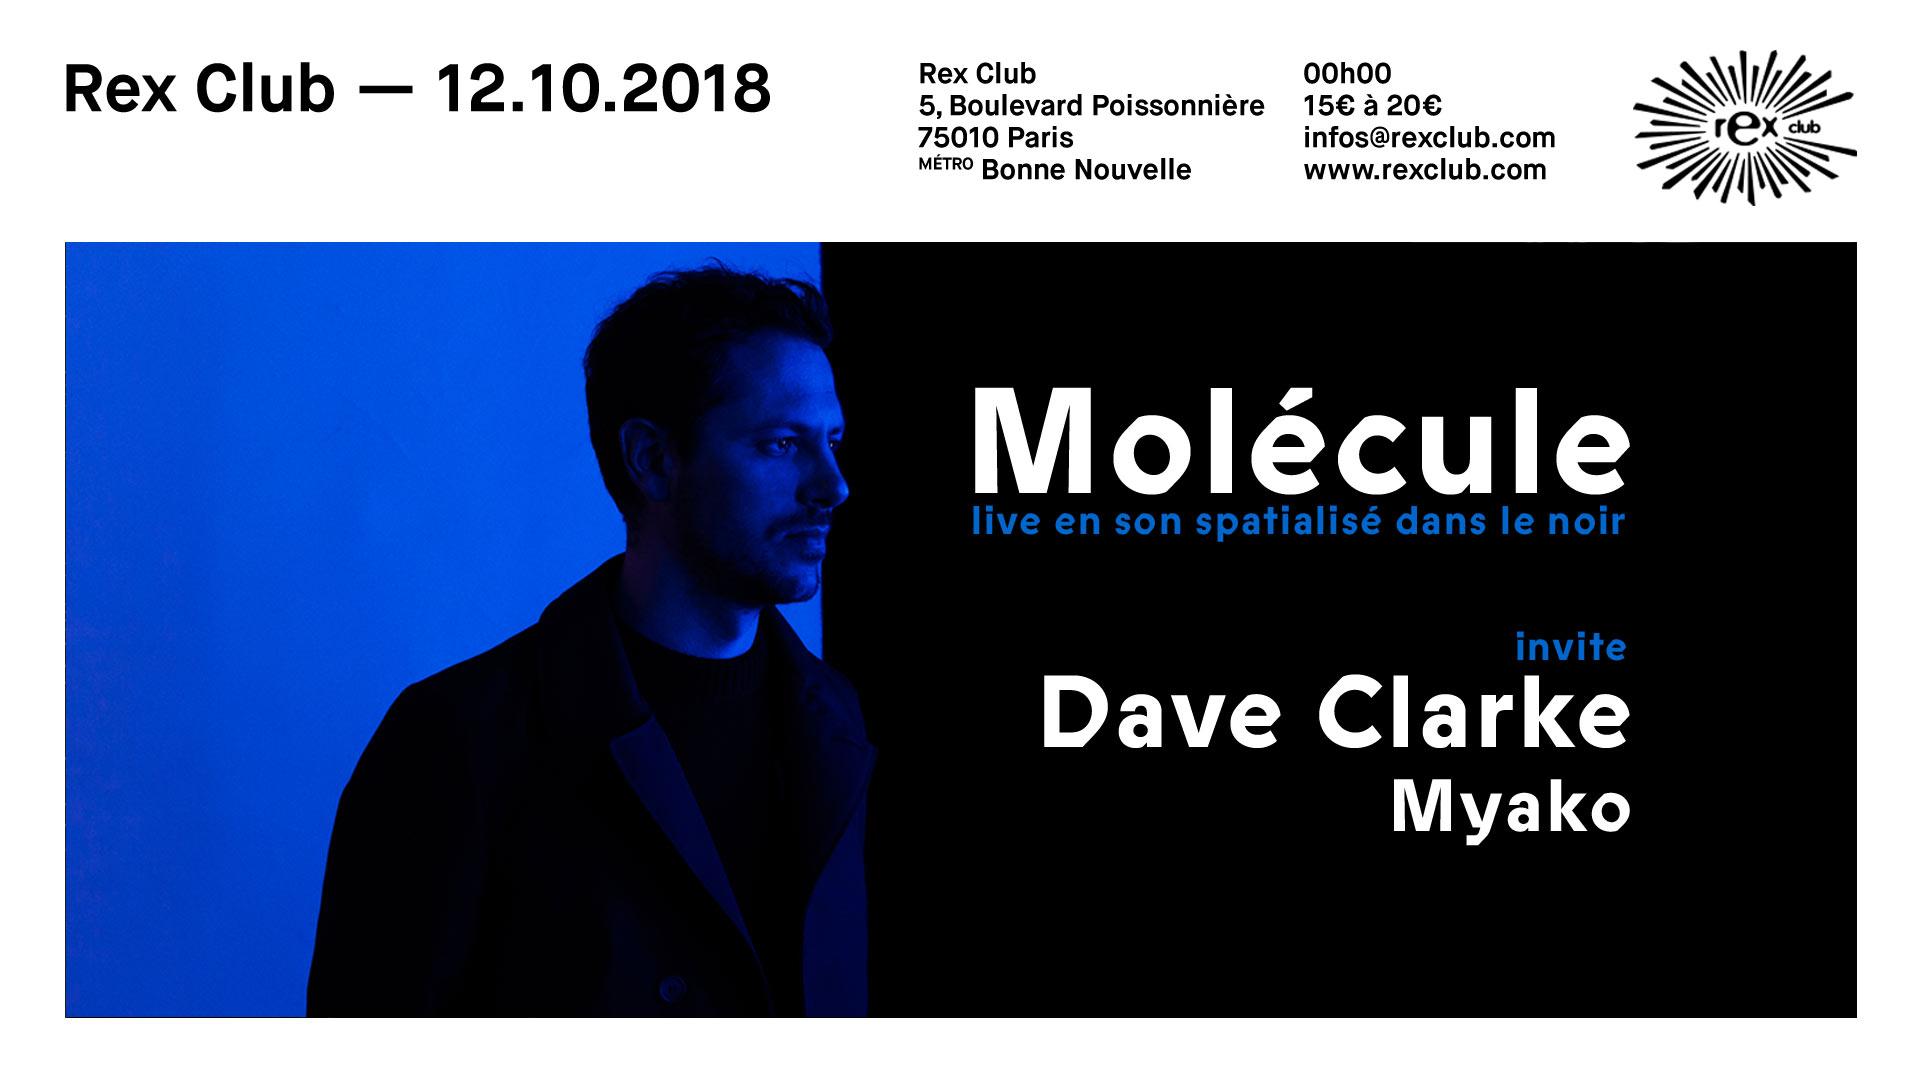 Molécule live en son spatialisé dans le noir avec Dave Clarke & Myako